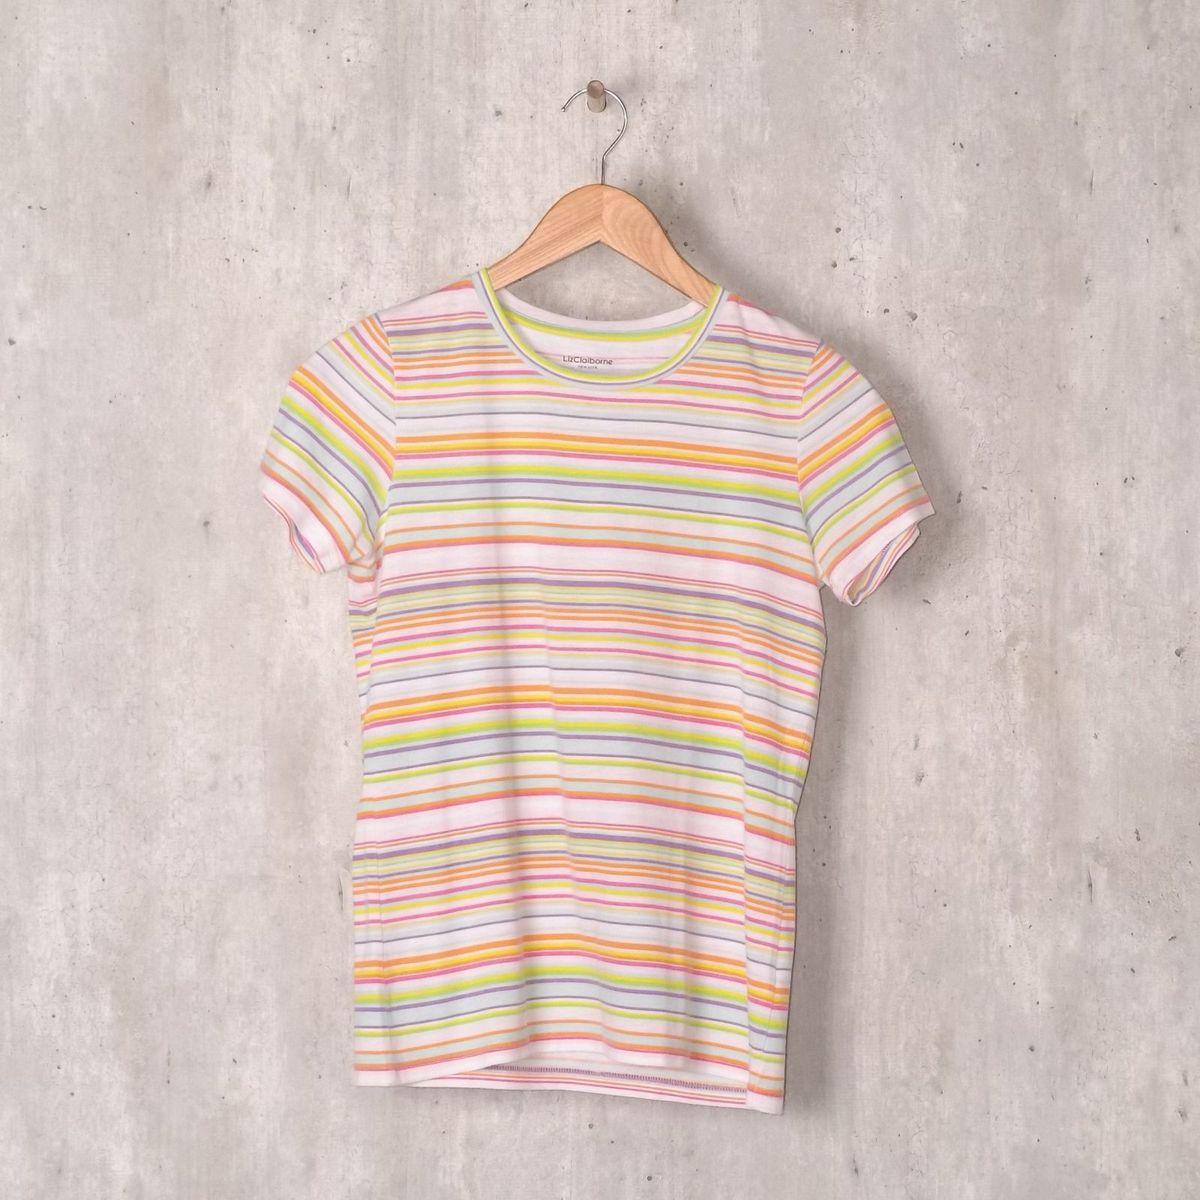 67a8f946e Baby Look Listrada Colorida | Blusa Feminina Liz Claiborne Usado 31163976 |  enjoei